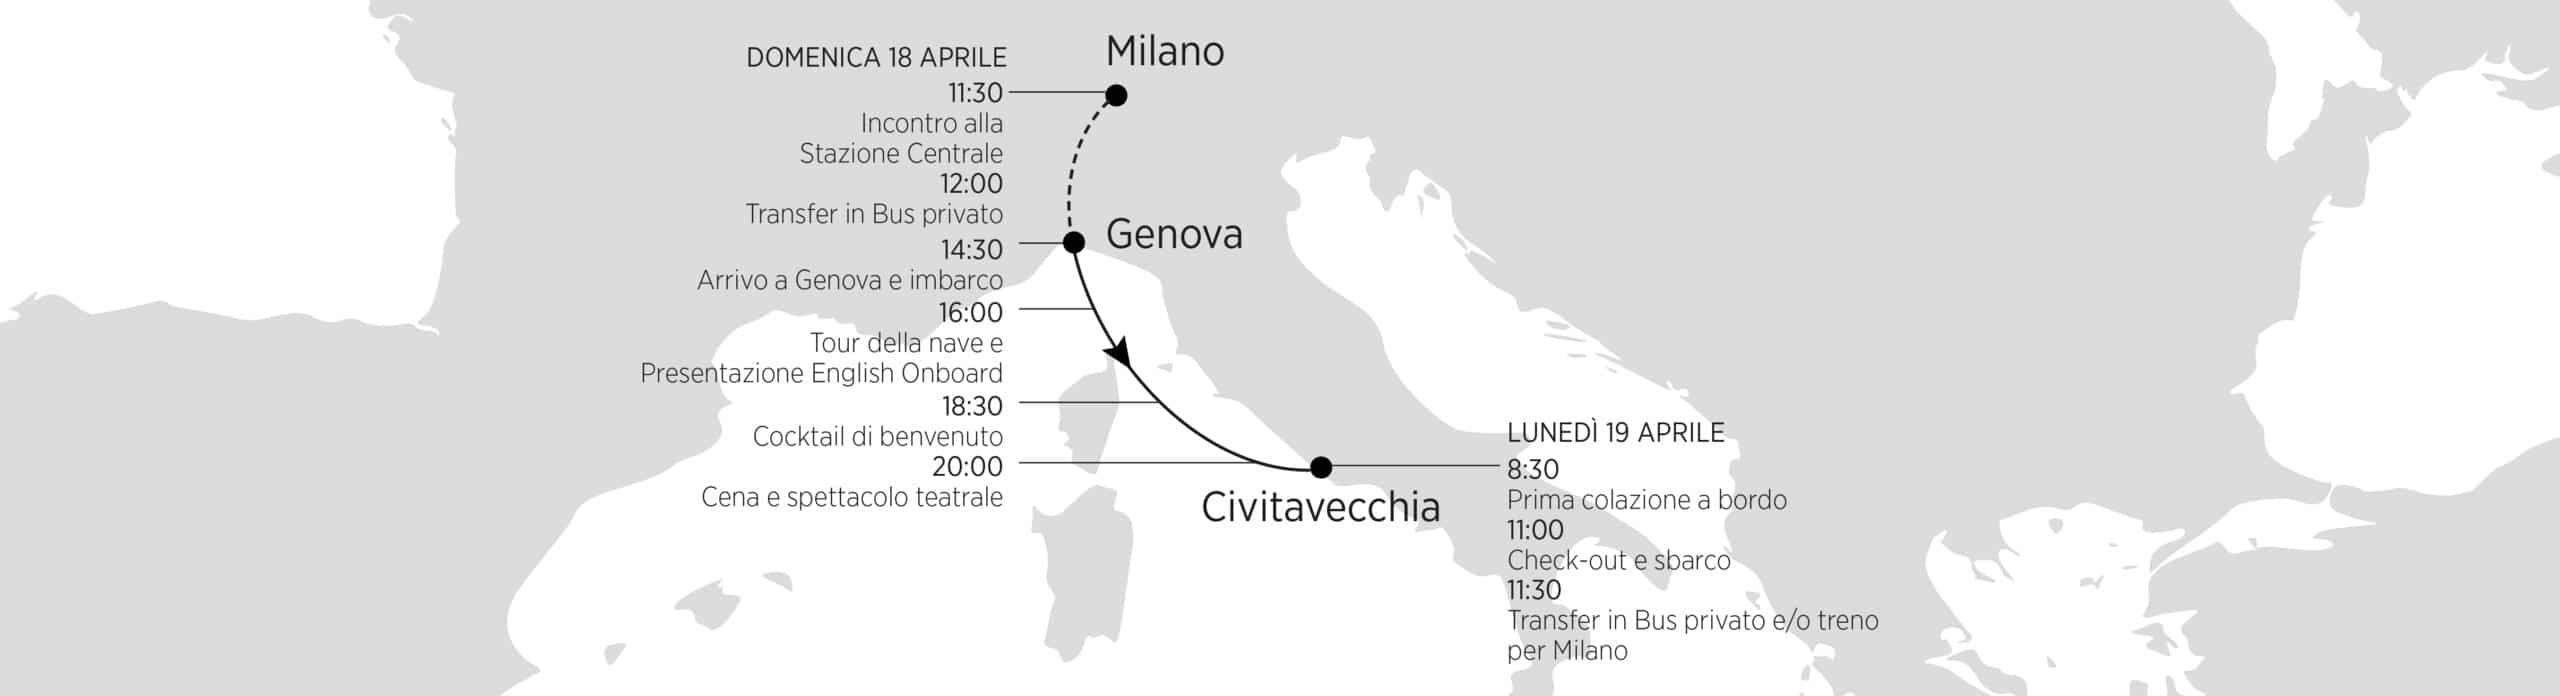 Programma tipo con partenza da Milano e imbarco da Genova il 18 Aprile 2021